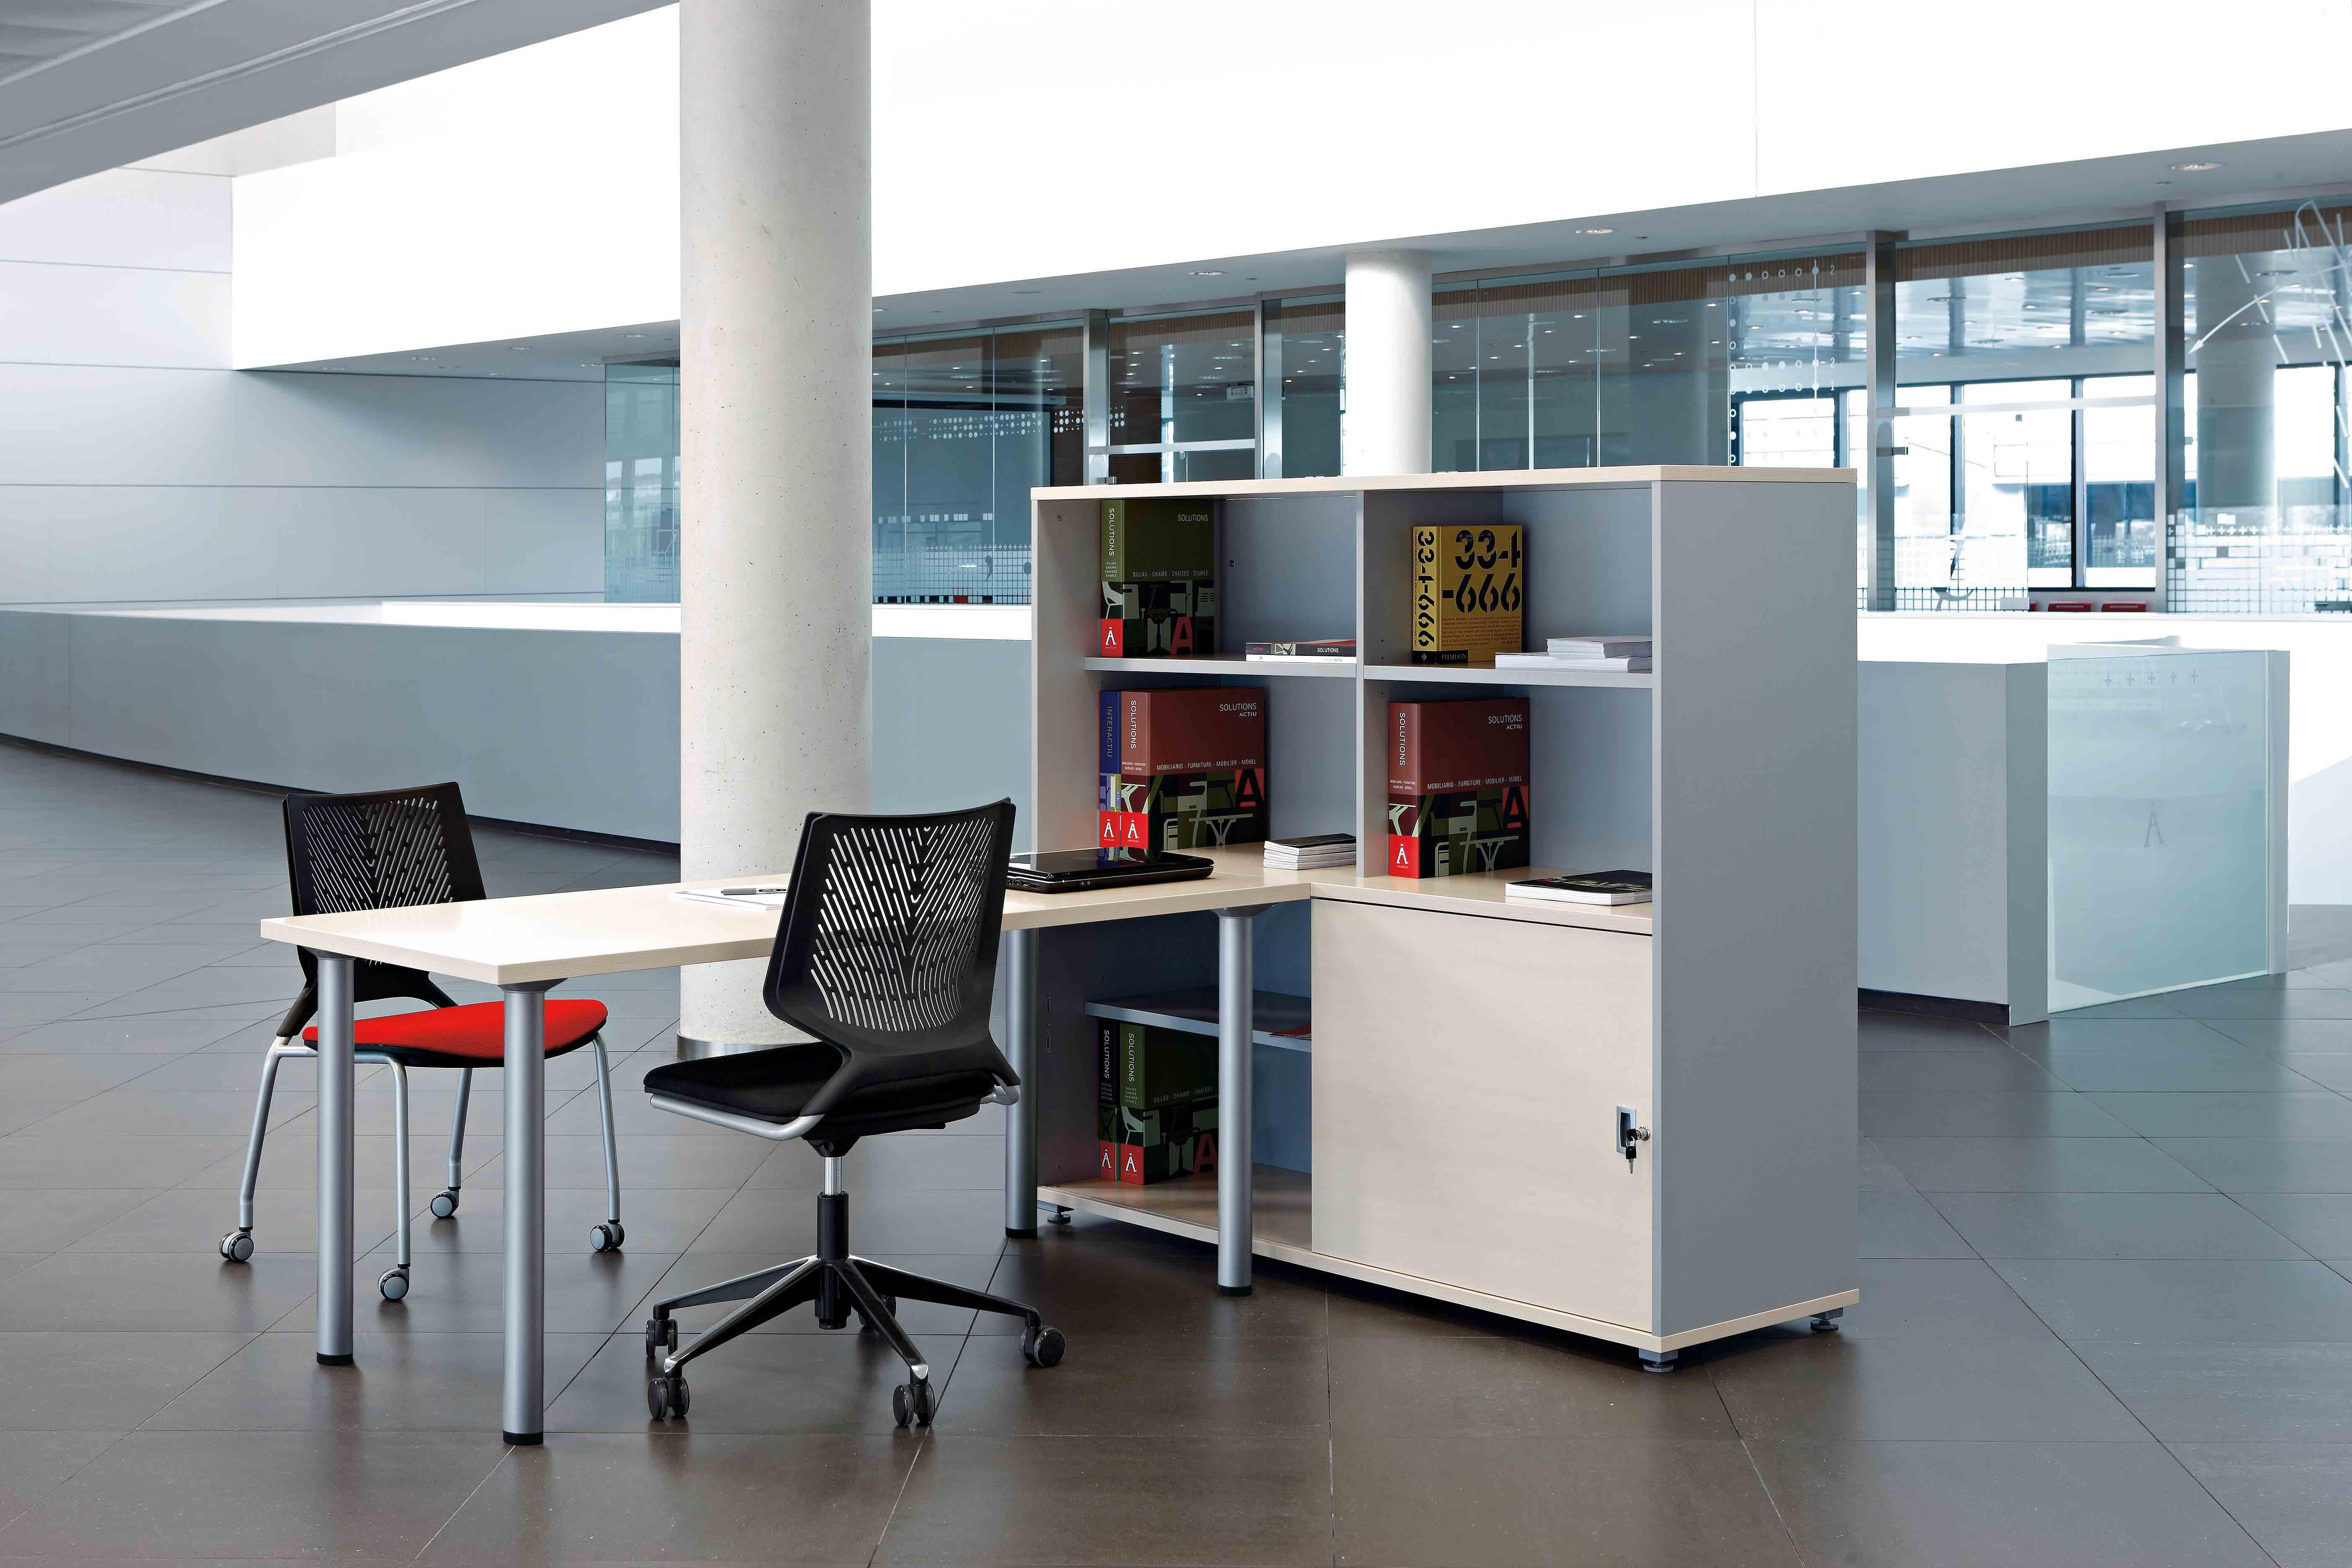 Mesa despacho cool c300 c500 muebles de oficina spacio for Muebles para despacho